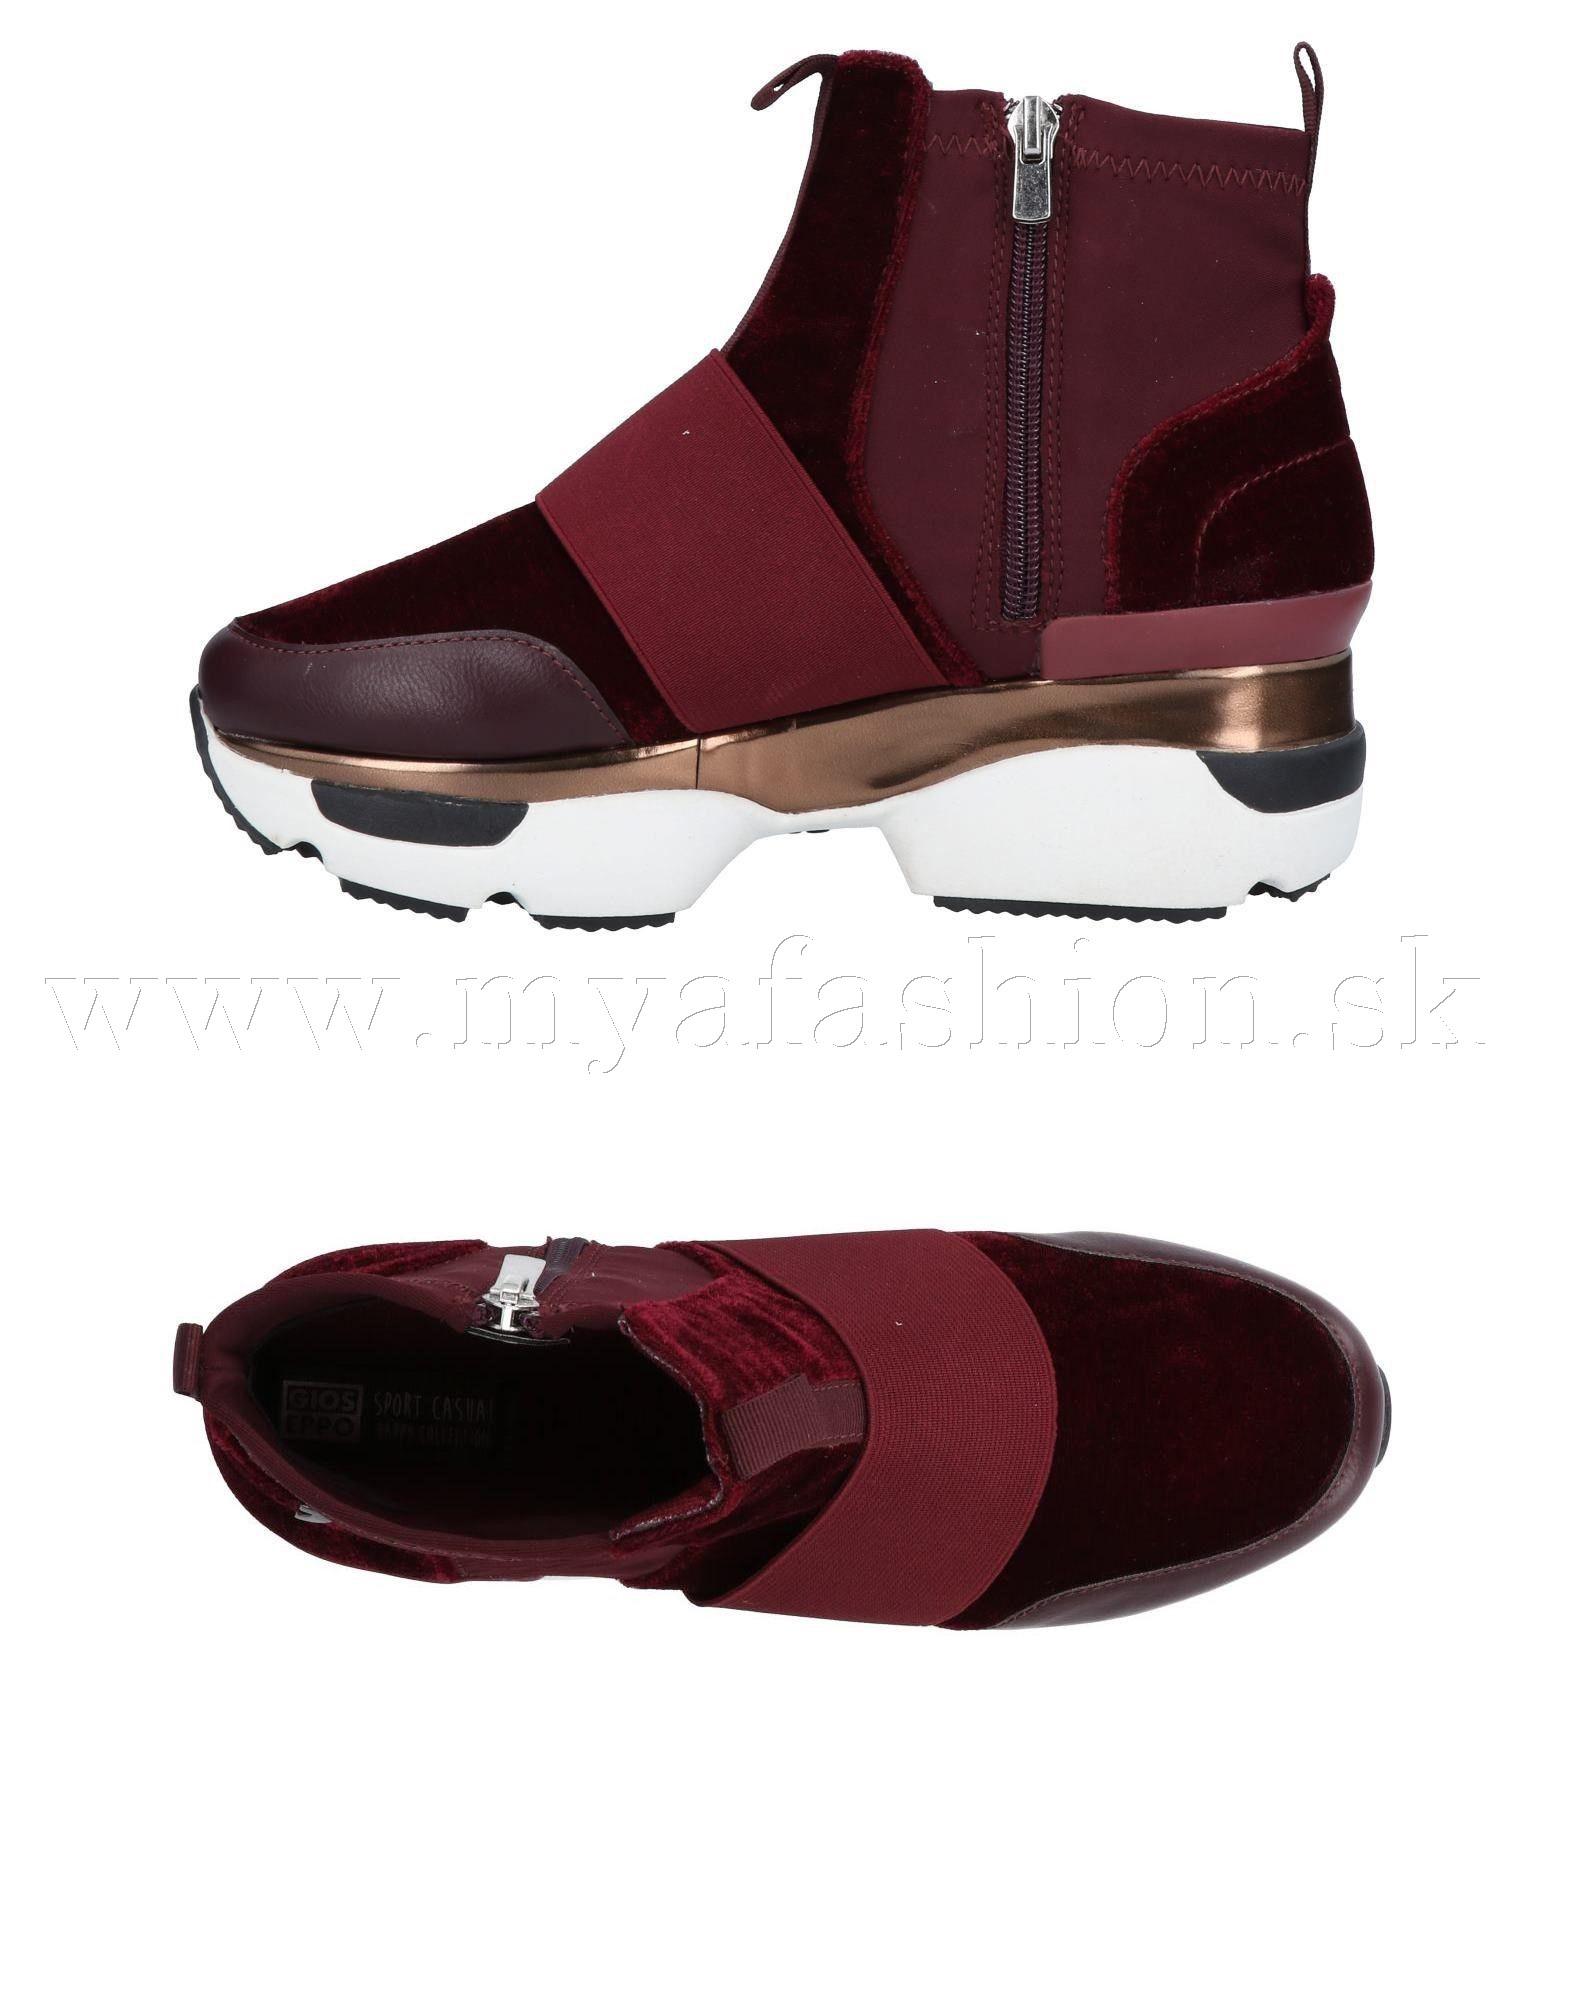 02bb97b3d950 Dámske čižmy - dámske bordové členkové topánky na platforme